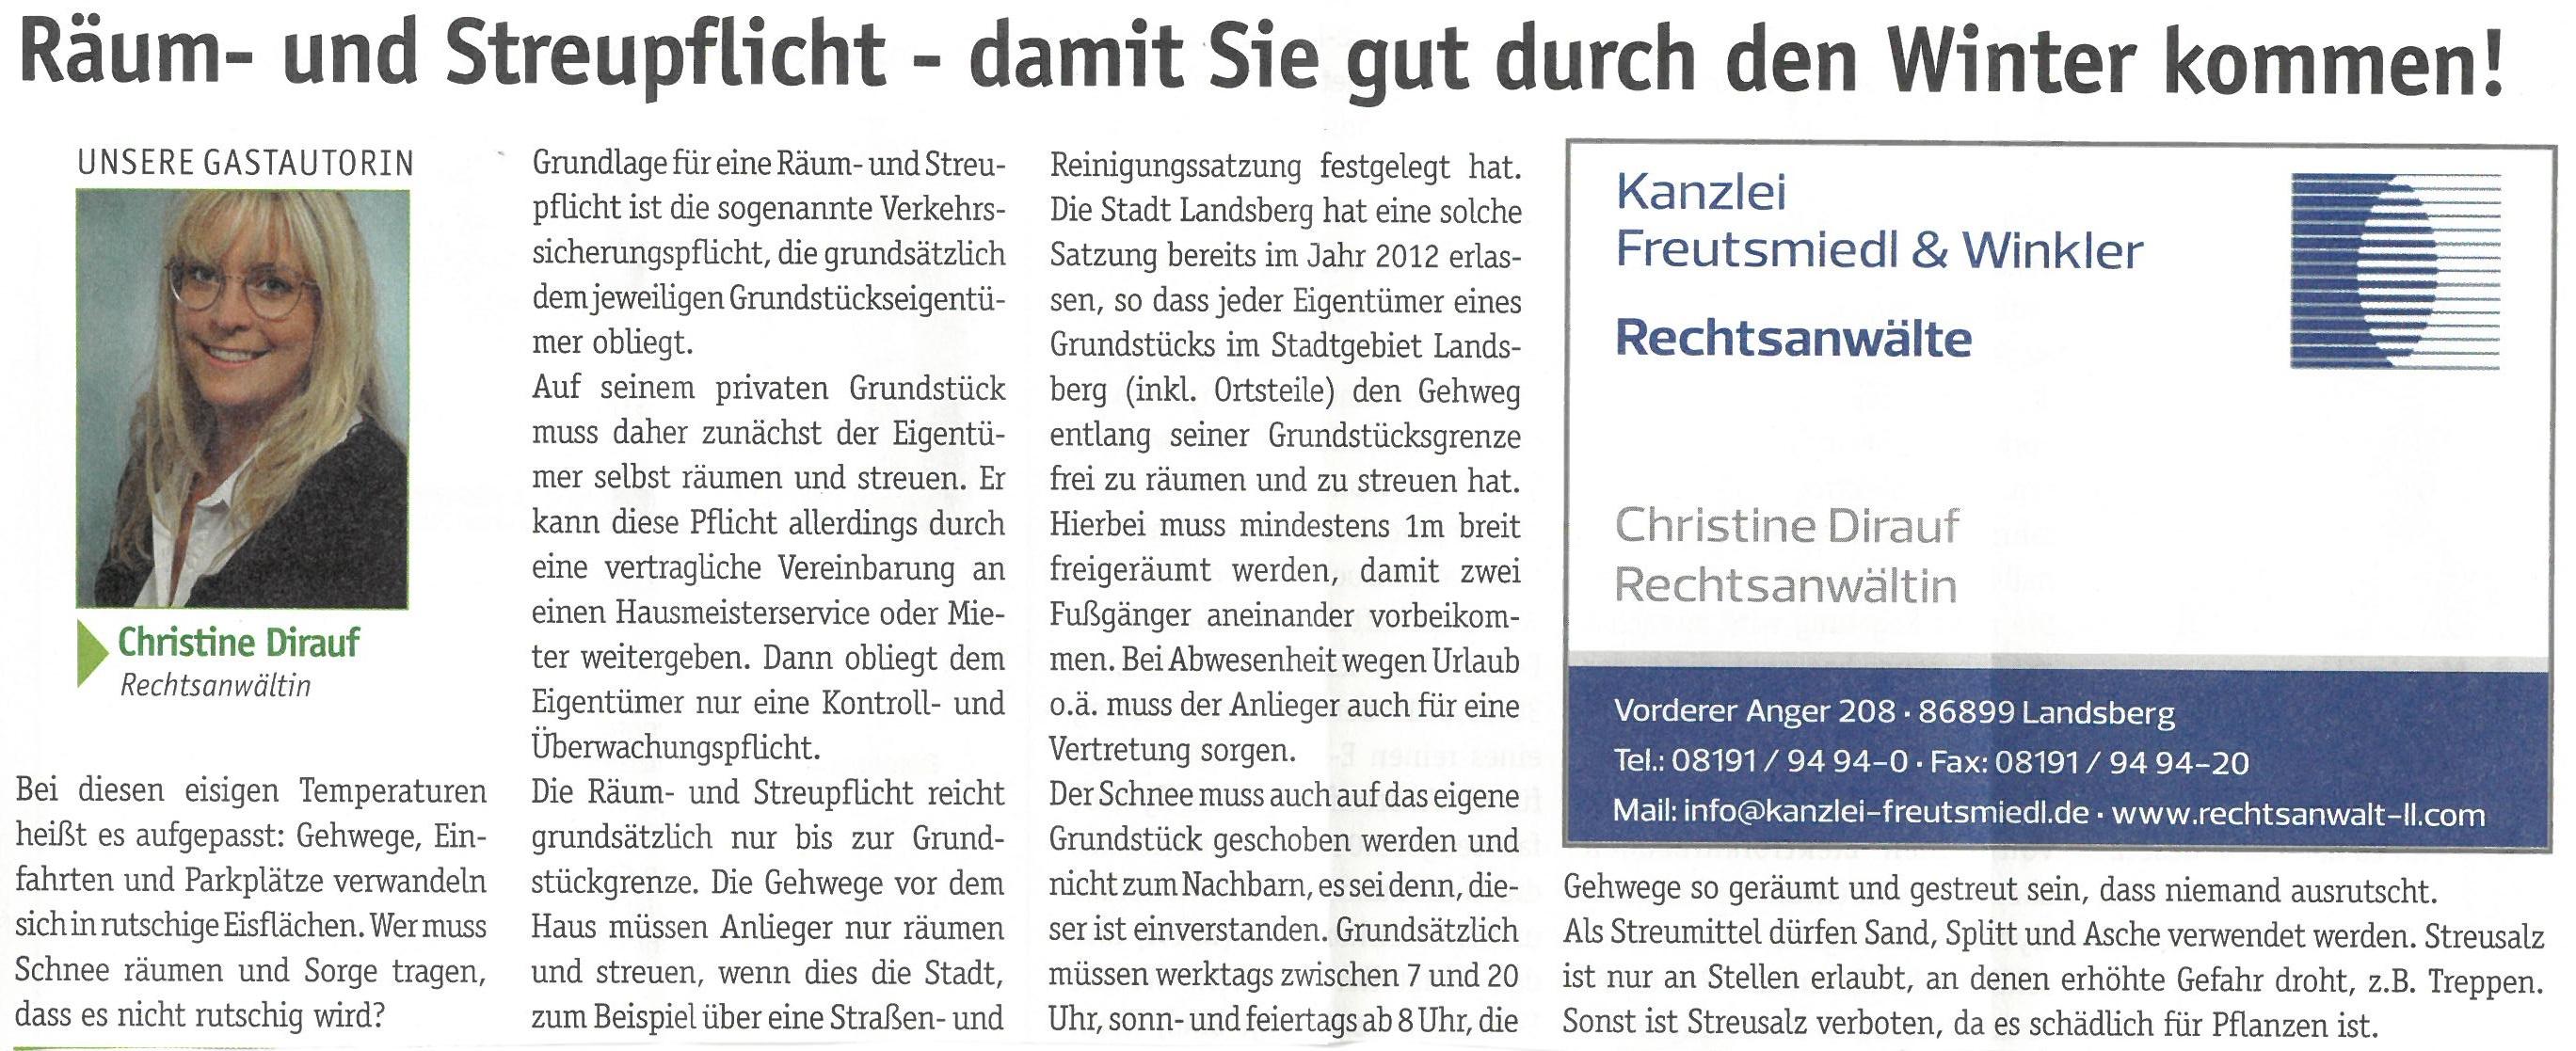 Landsberger Monatszeitung, 01/2019